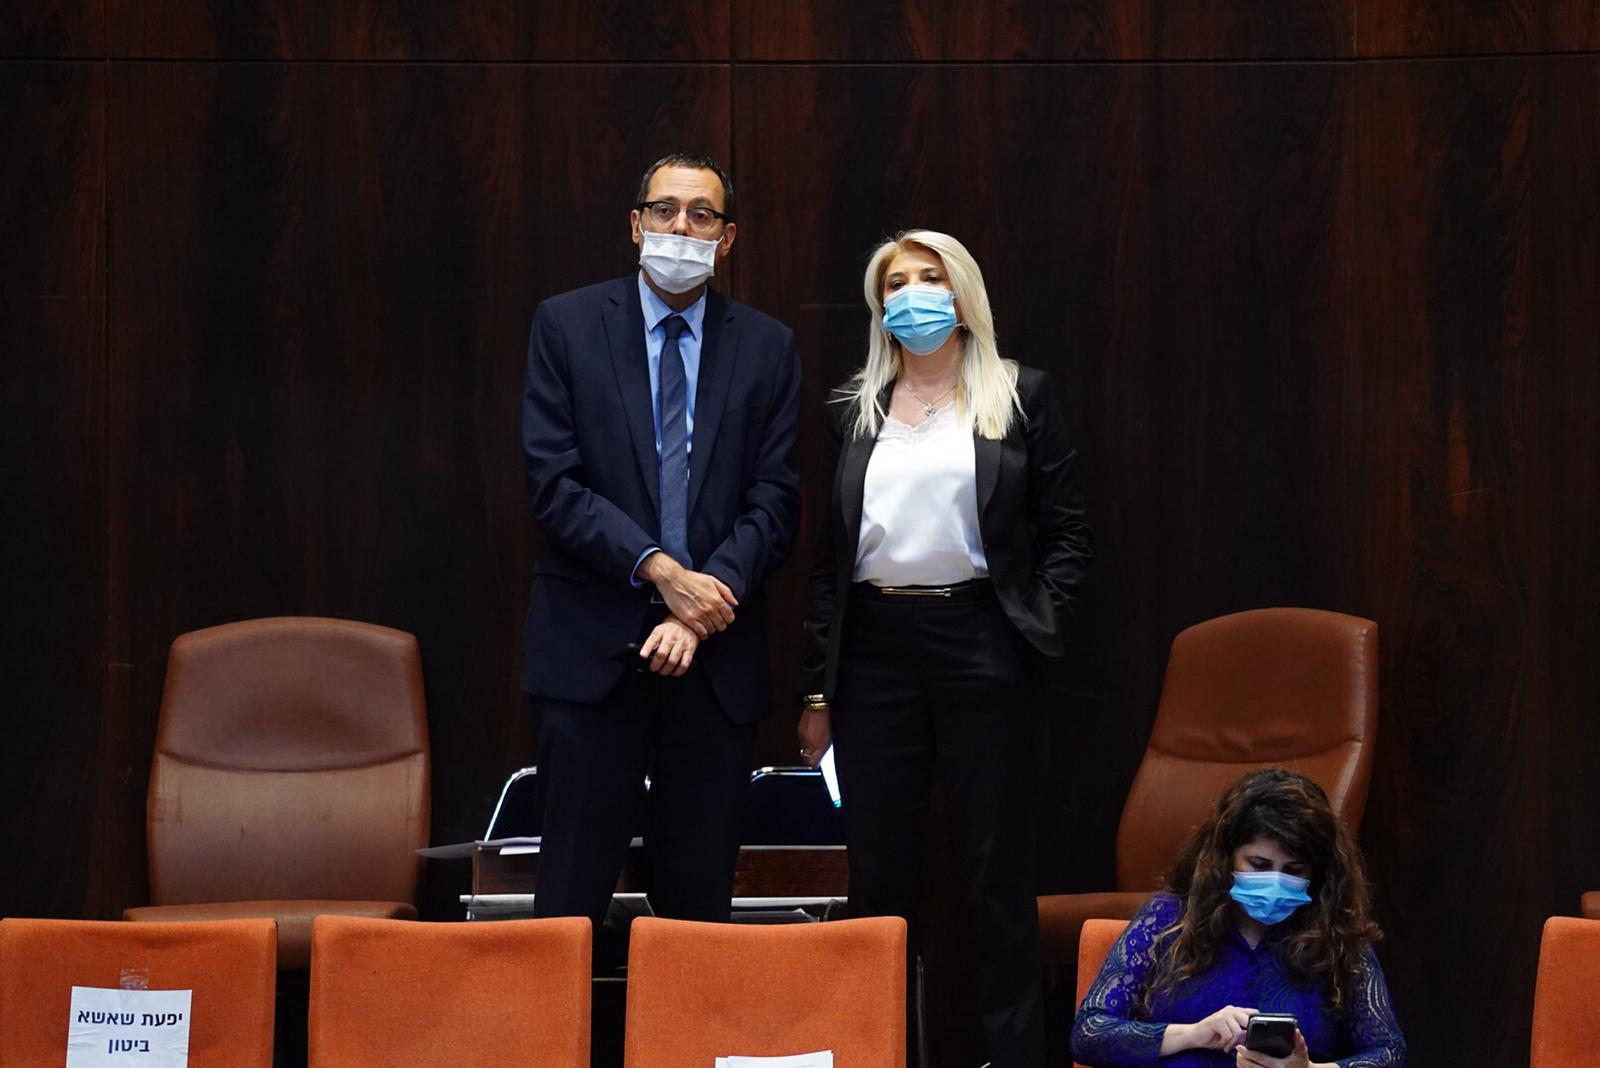 אסנת מארק וצבי האוזר נבחרו לוועדה למינוי שופטים